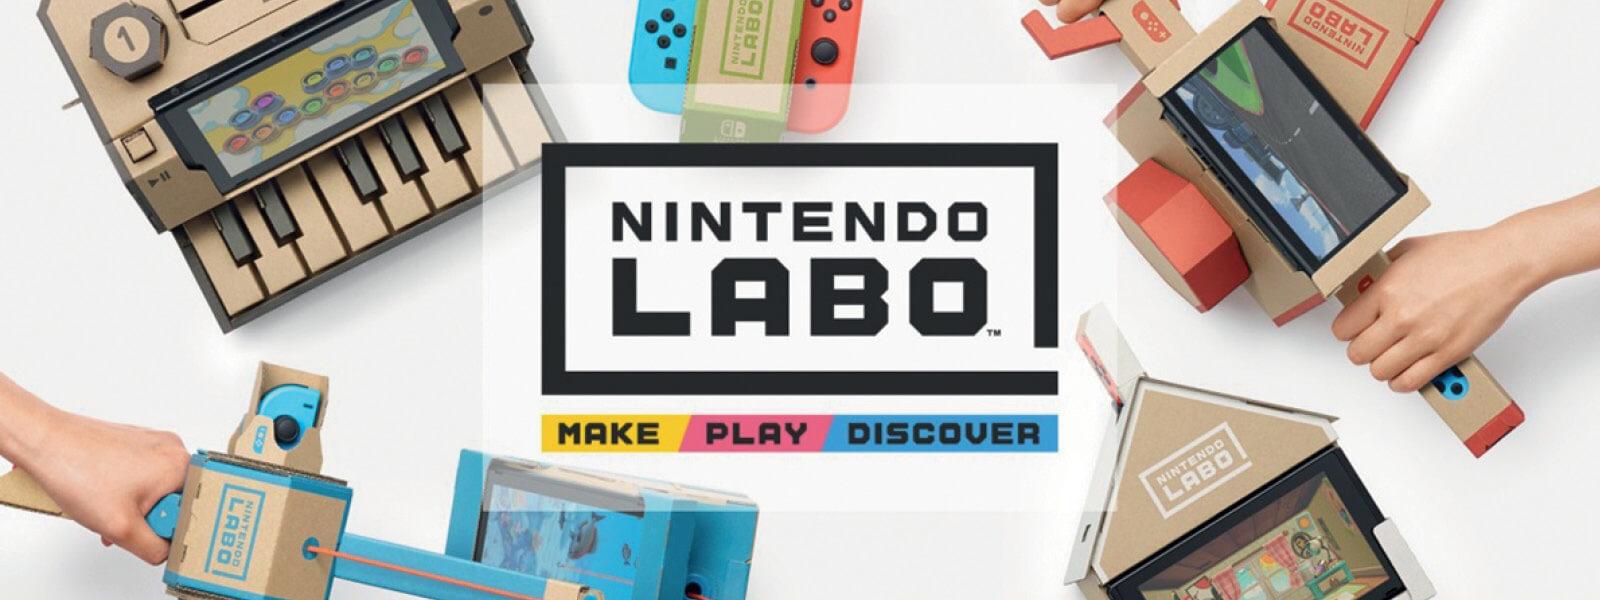 ที่มา : https://wccftech.com/pachter-nintendo-labo-2012/ Nintendo Labo เป็นการออกแบบกล่องบรรจุภัณฑ์หลังจากการทำหน้าห่อหุ้มสินค้าแล้ว ให้สามารถกลายเป็นอุปกรณ์ประกอบการเล่นเกมส์ต่อได้อีก